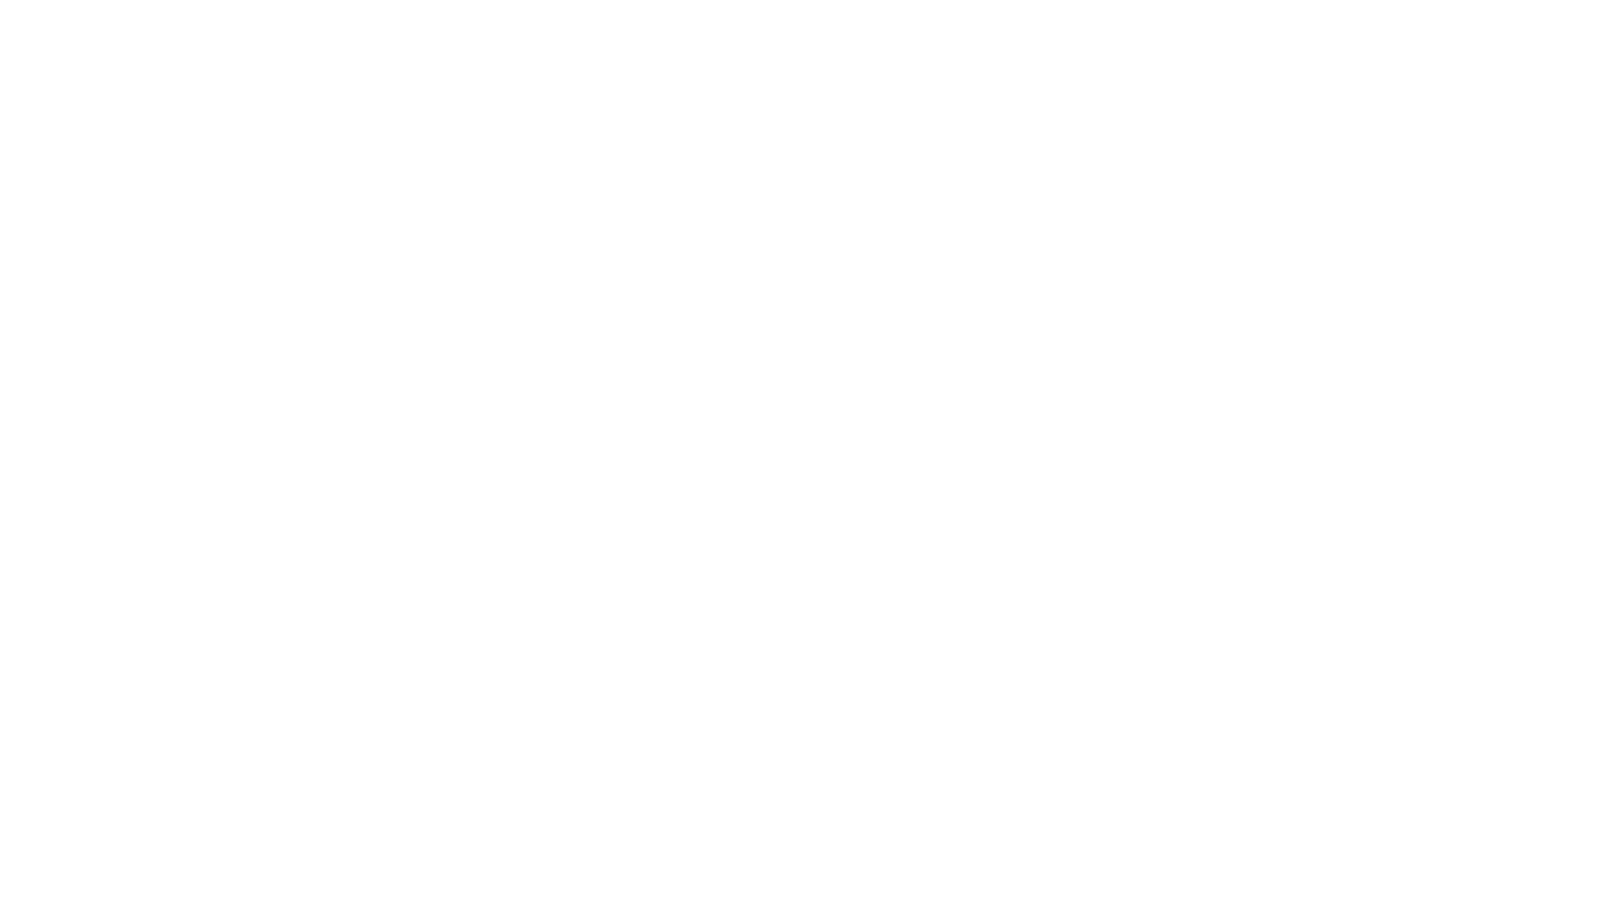 Mein Weg von Irun bis Bilbao😘